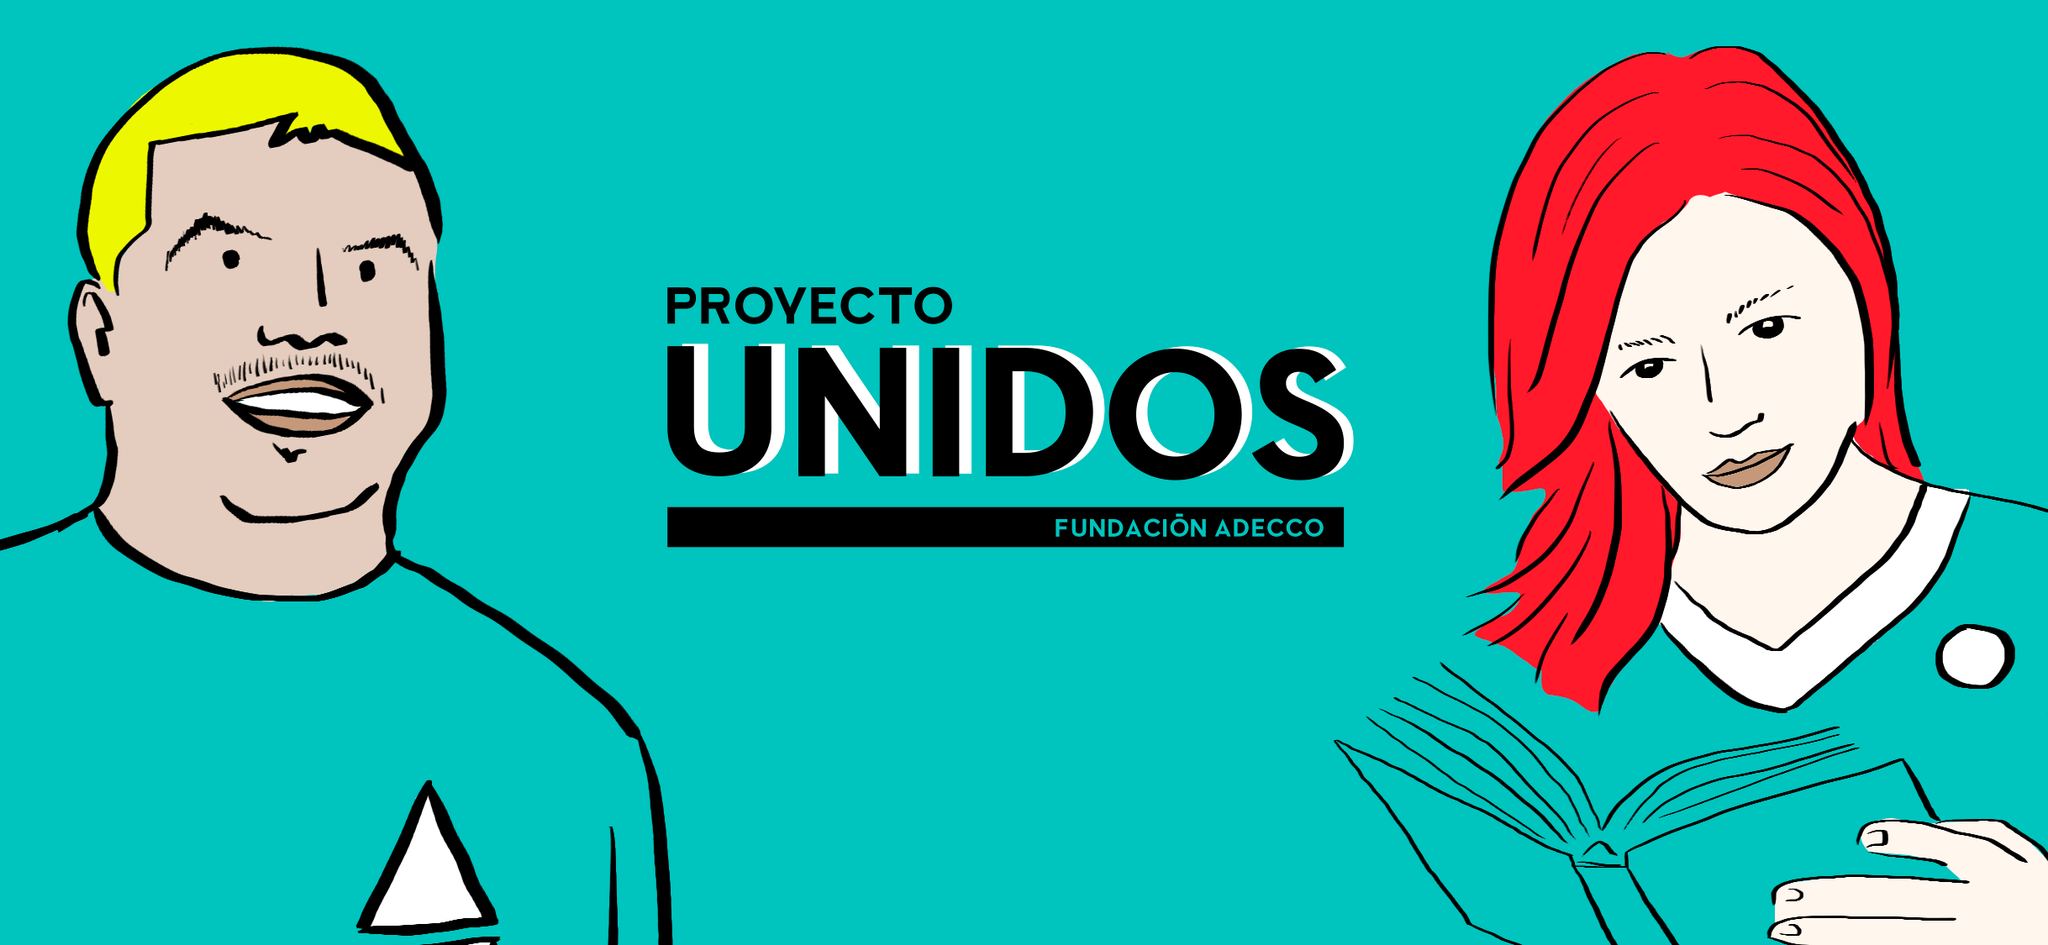 Proyecto Unidos